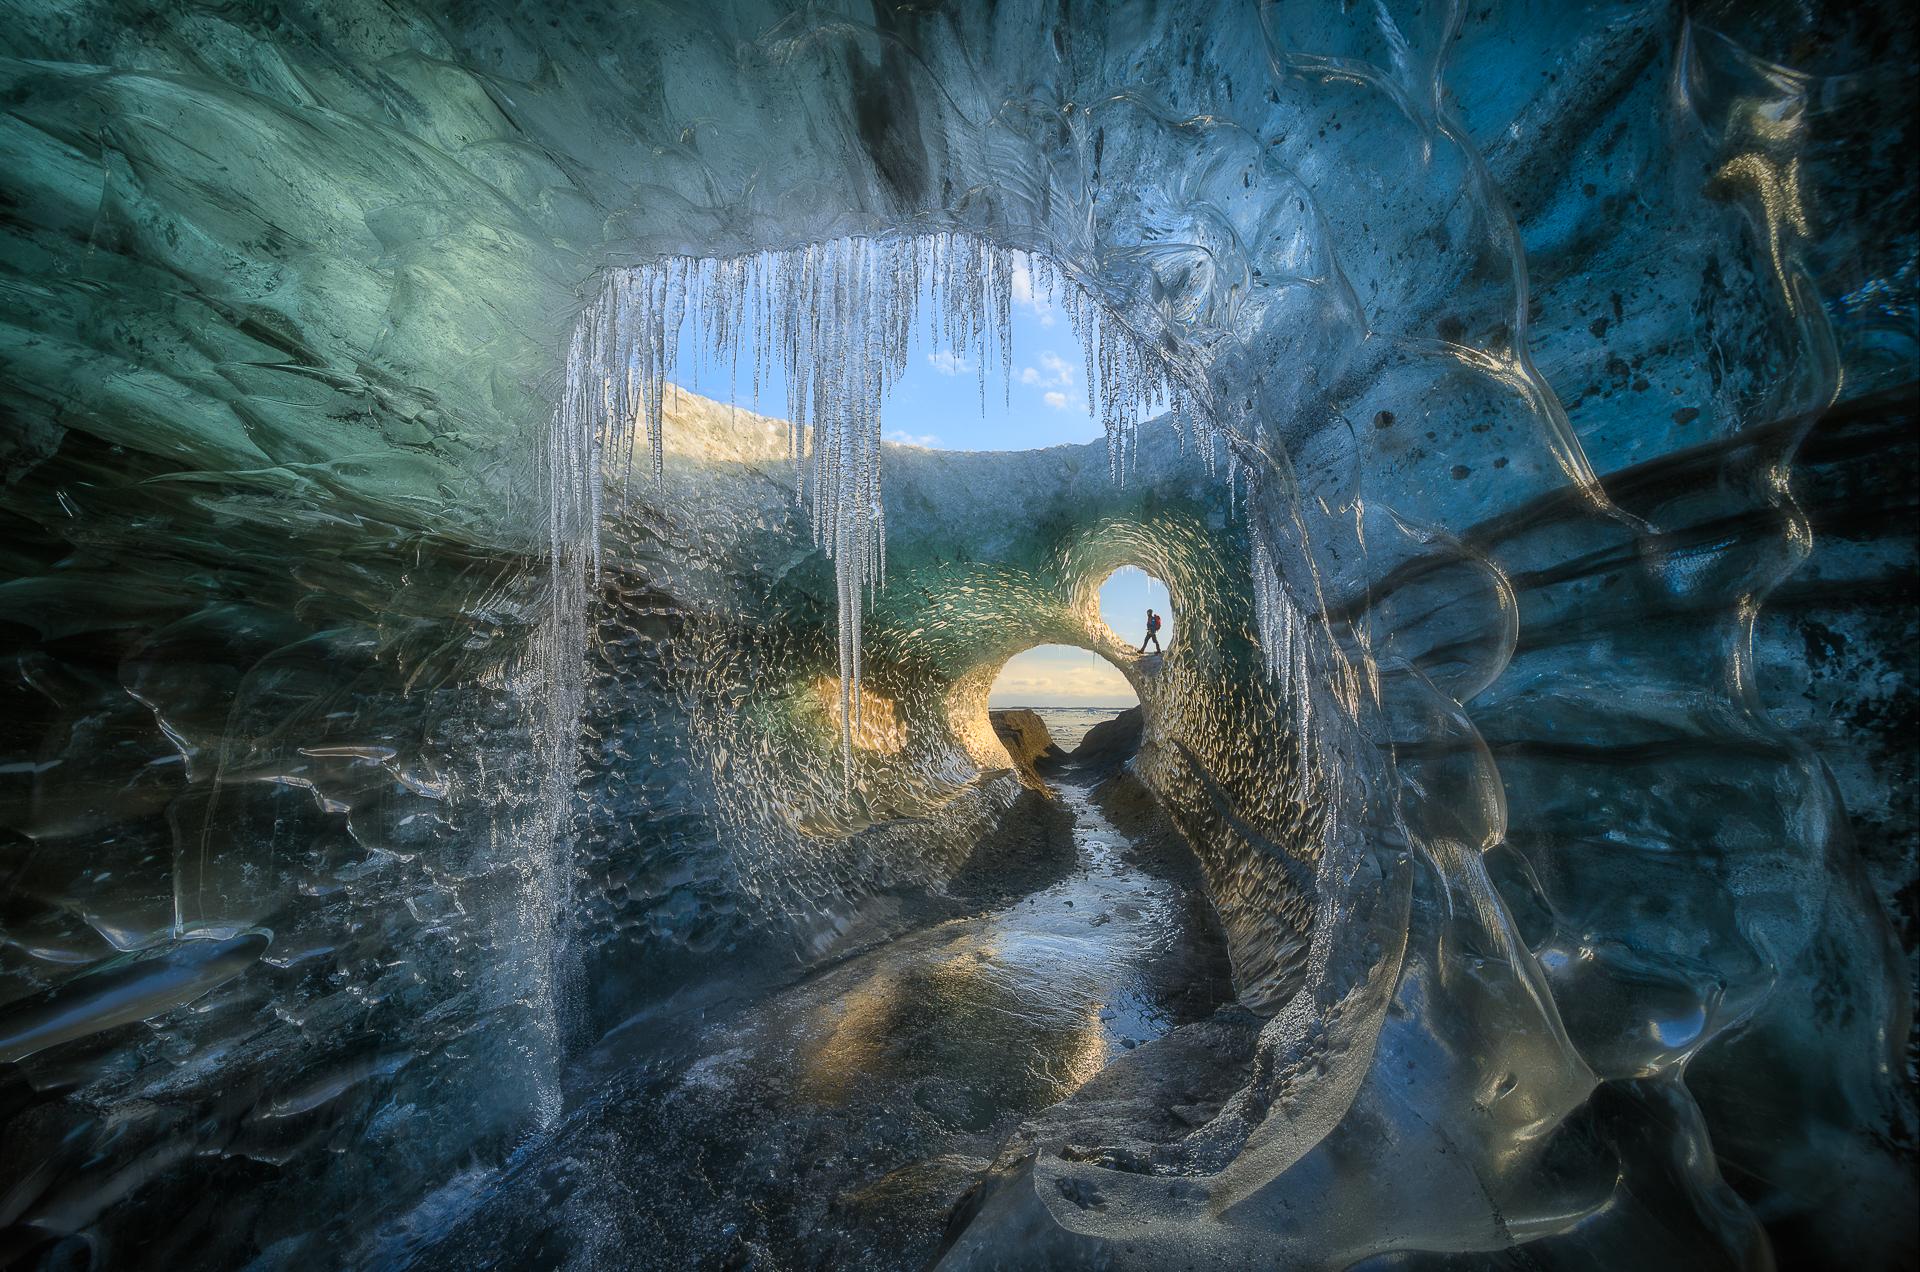 Una visita a una fascinante cueva de hielo azul es algo que recordarás toda la vida.